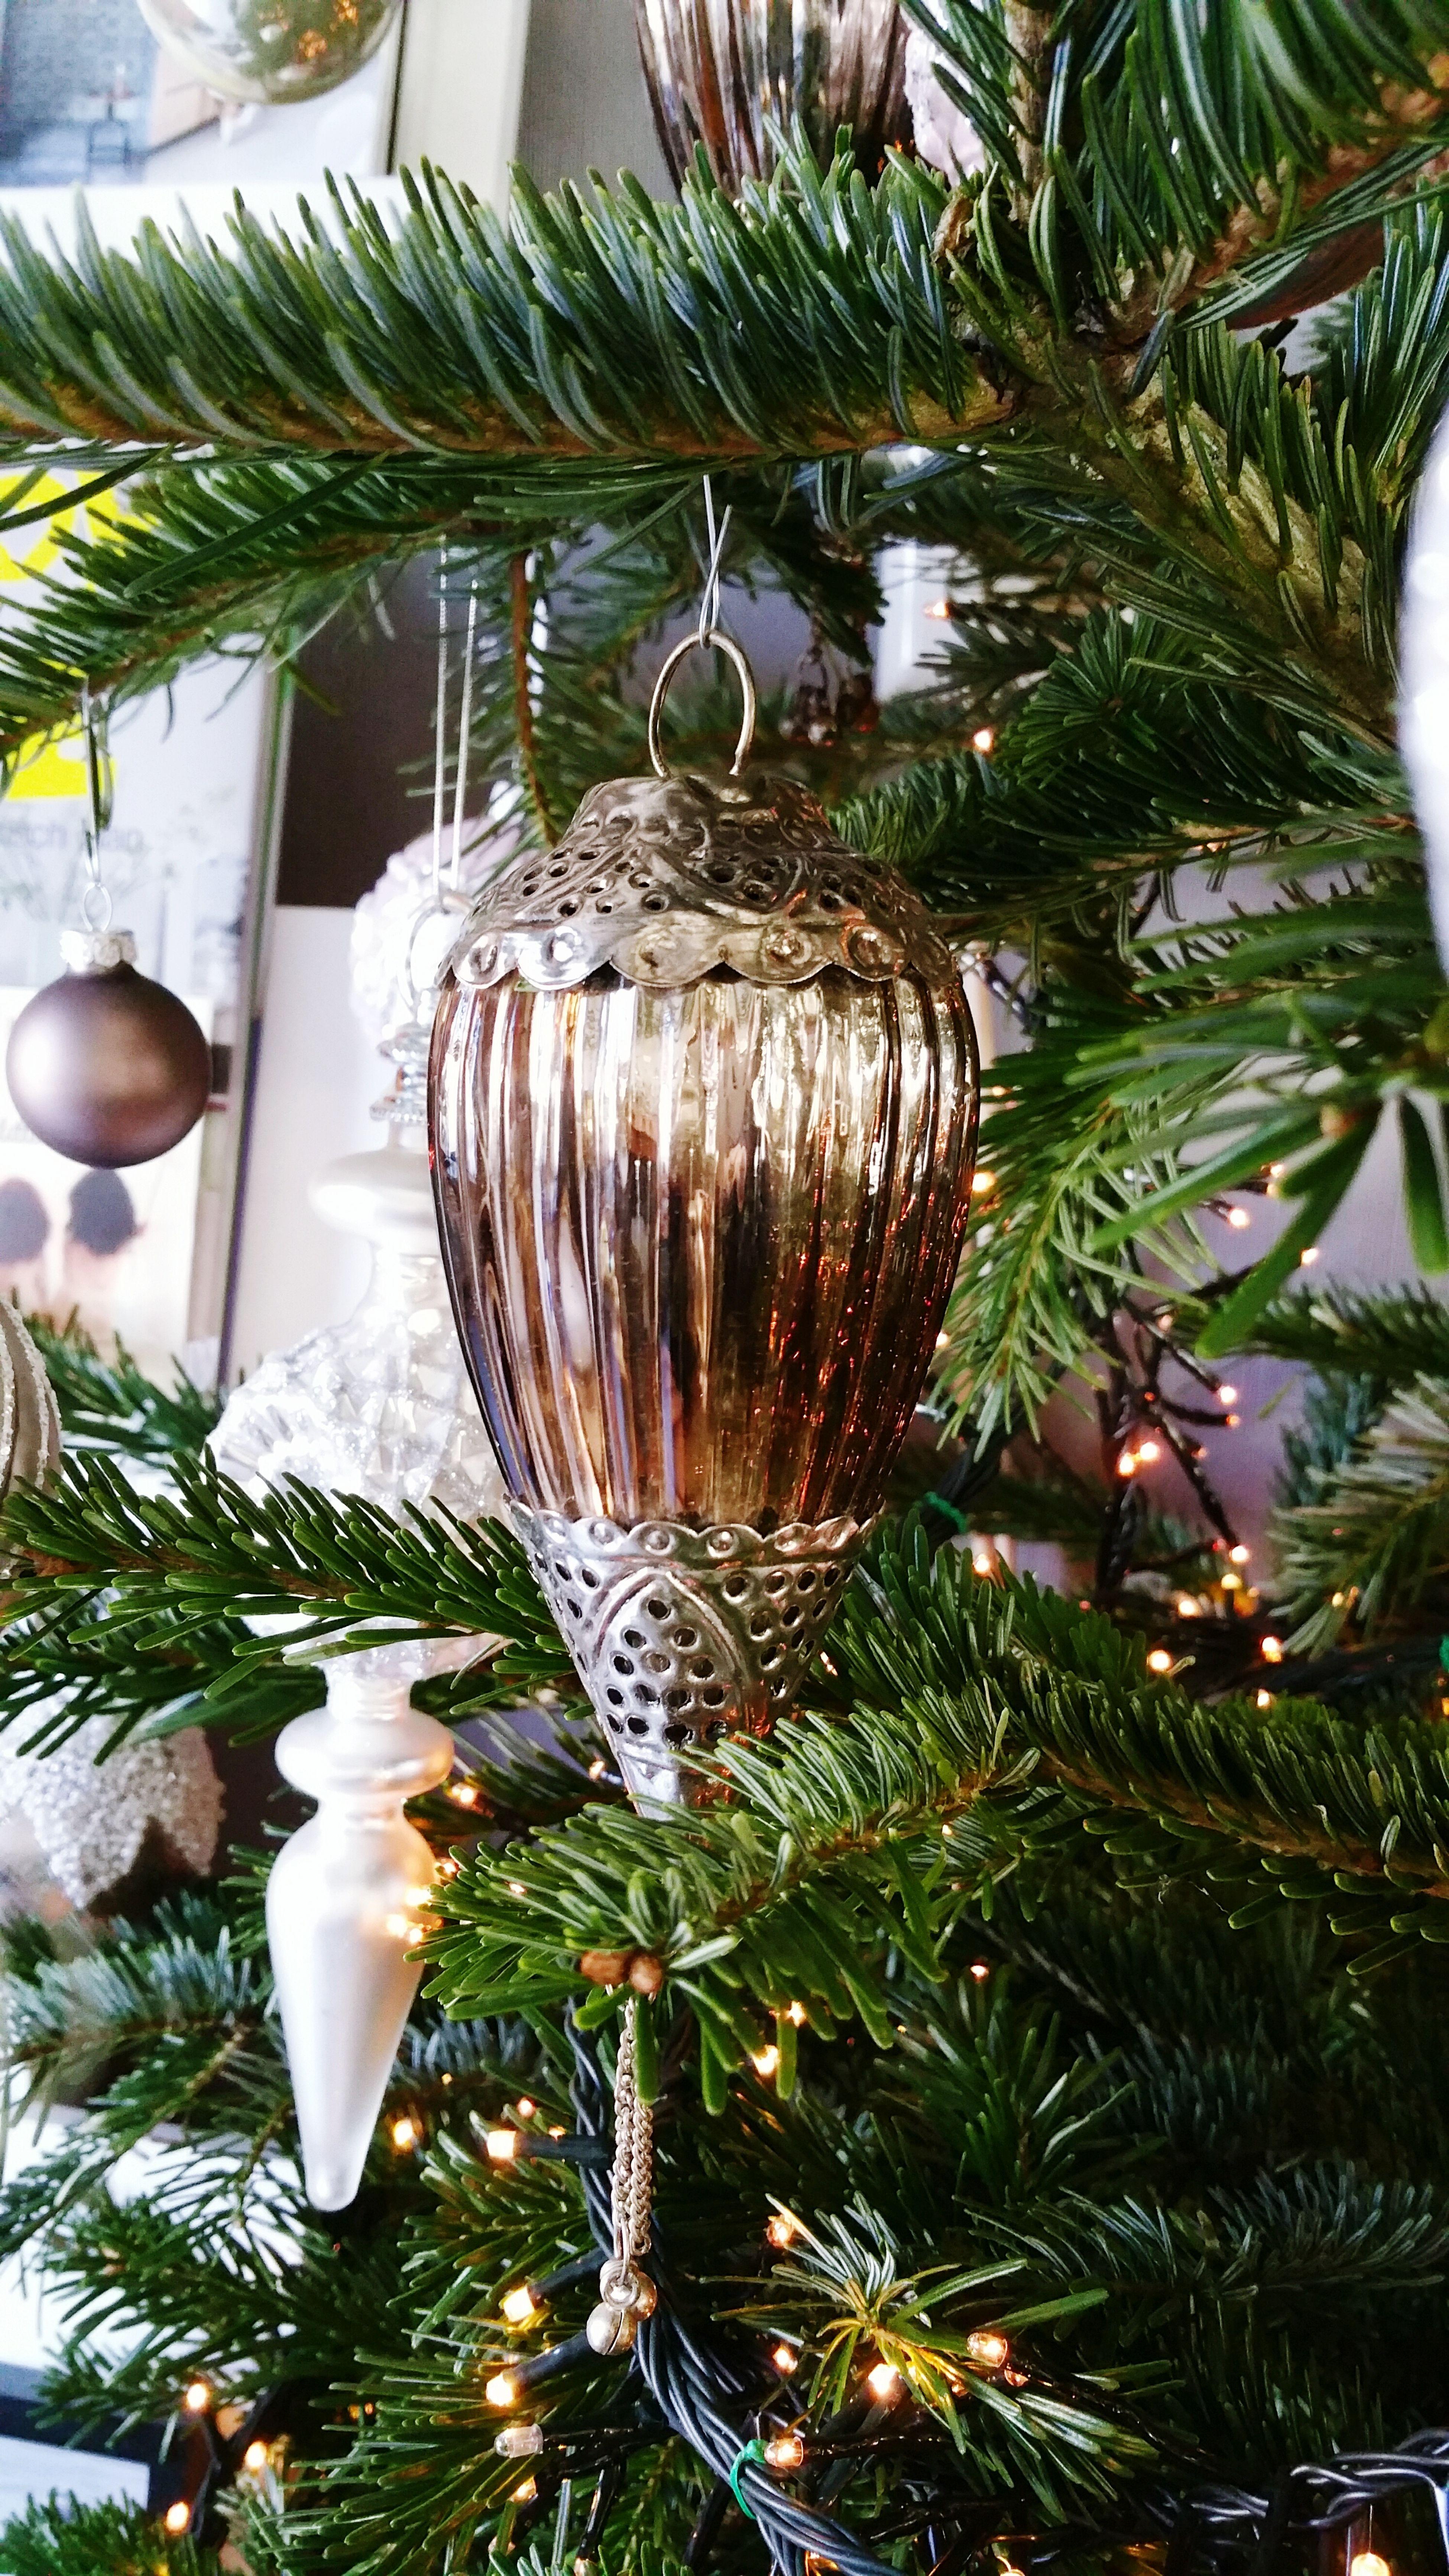 Gisteren heeft mijn manneke op de valreep nog deze mooie kerstballen van PTMD gezien. Een mooie aanvulling op de rest wat we al gekocht hadden. Old Christmas Decorations Silver  Glass Bloemsierkunstterryhecker